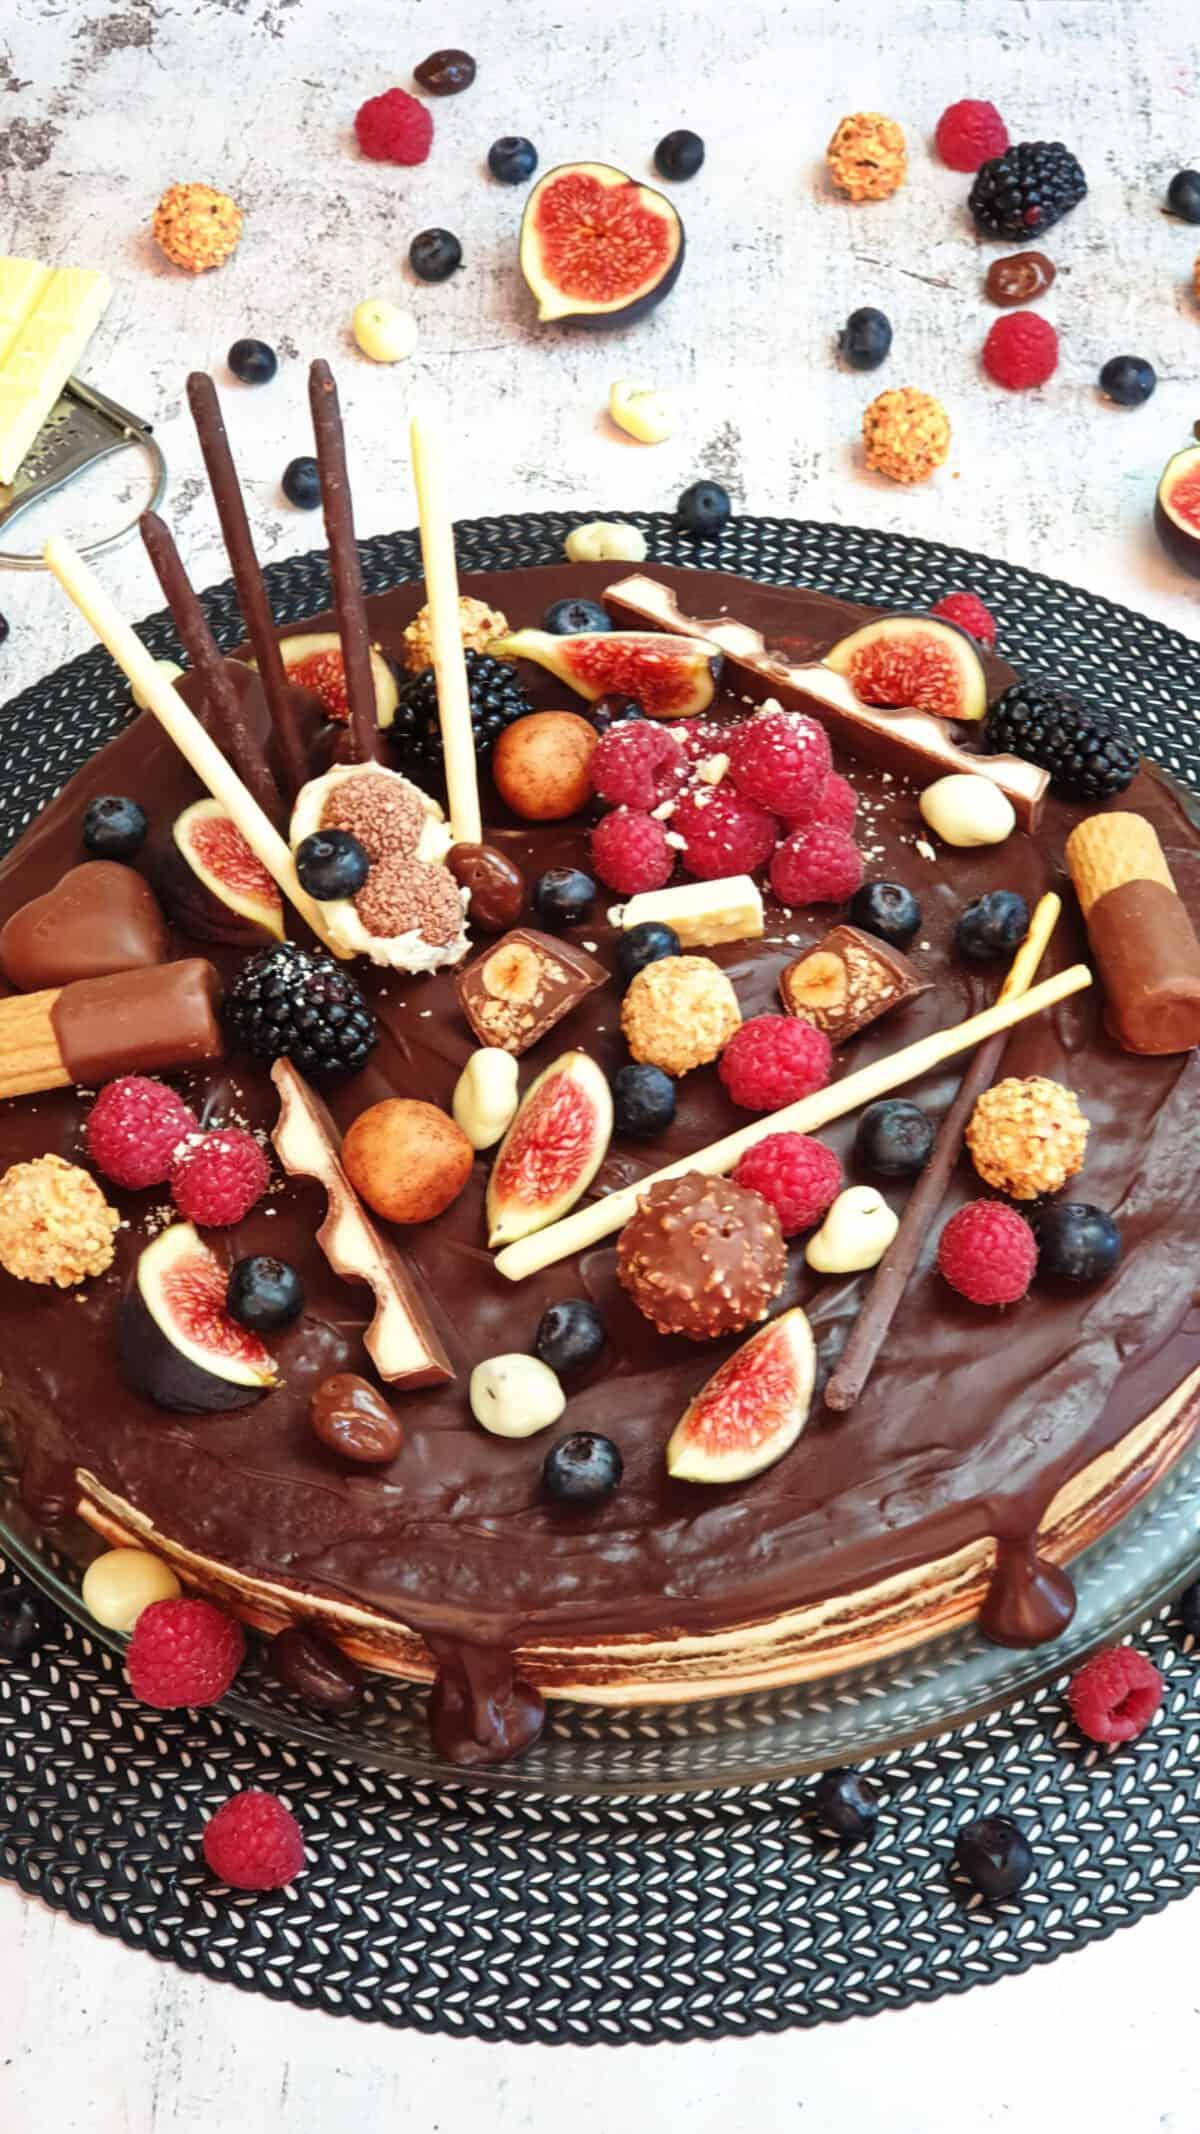 Eine Candy Cake Torte verziert mit Früchten und Schokolade. Im Hintergrund Deko aus Schokoriegeln und Feigen.